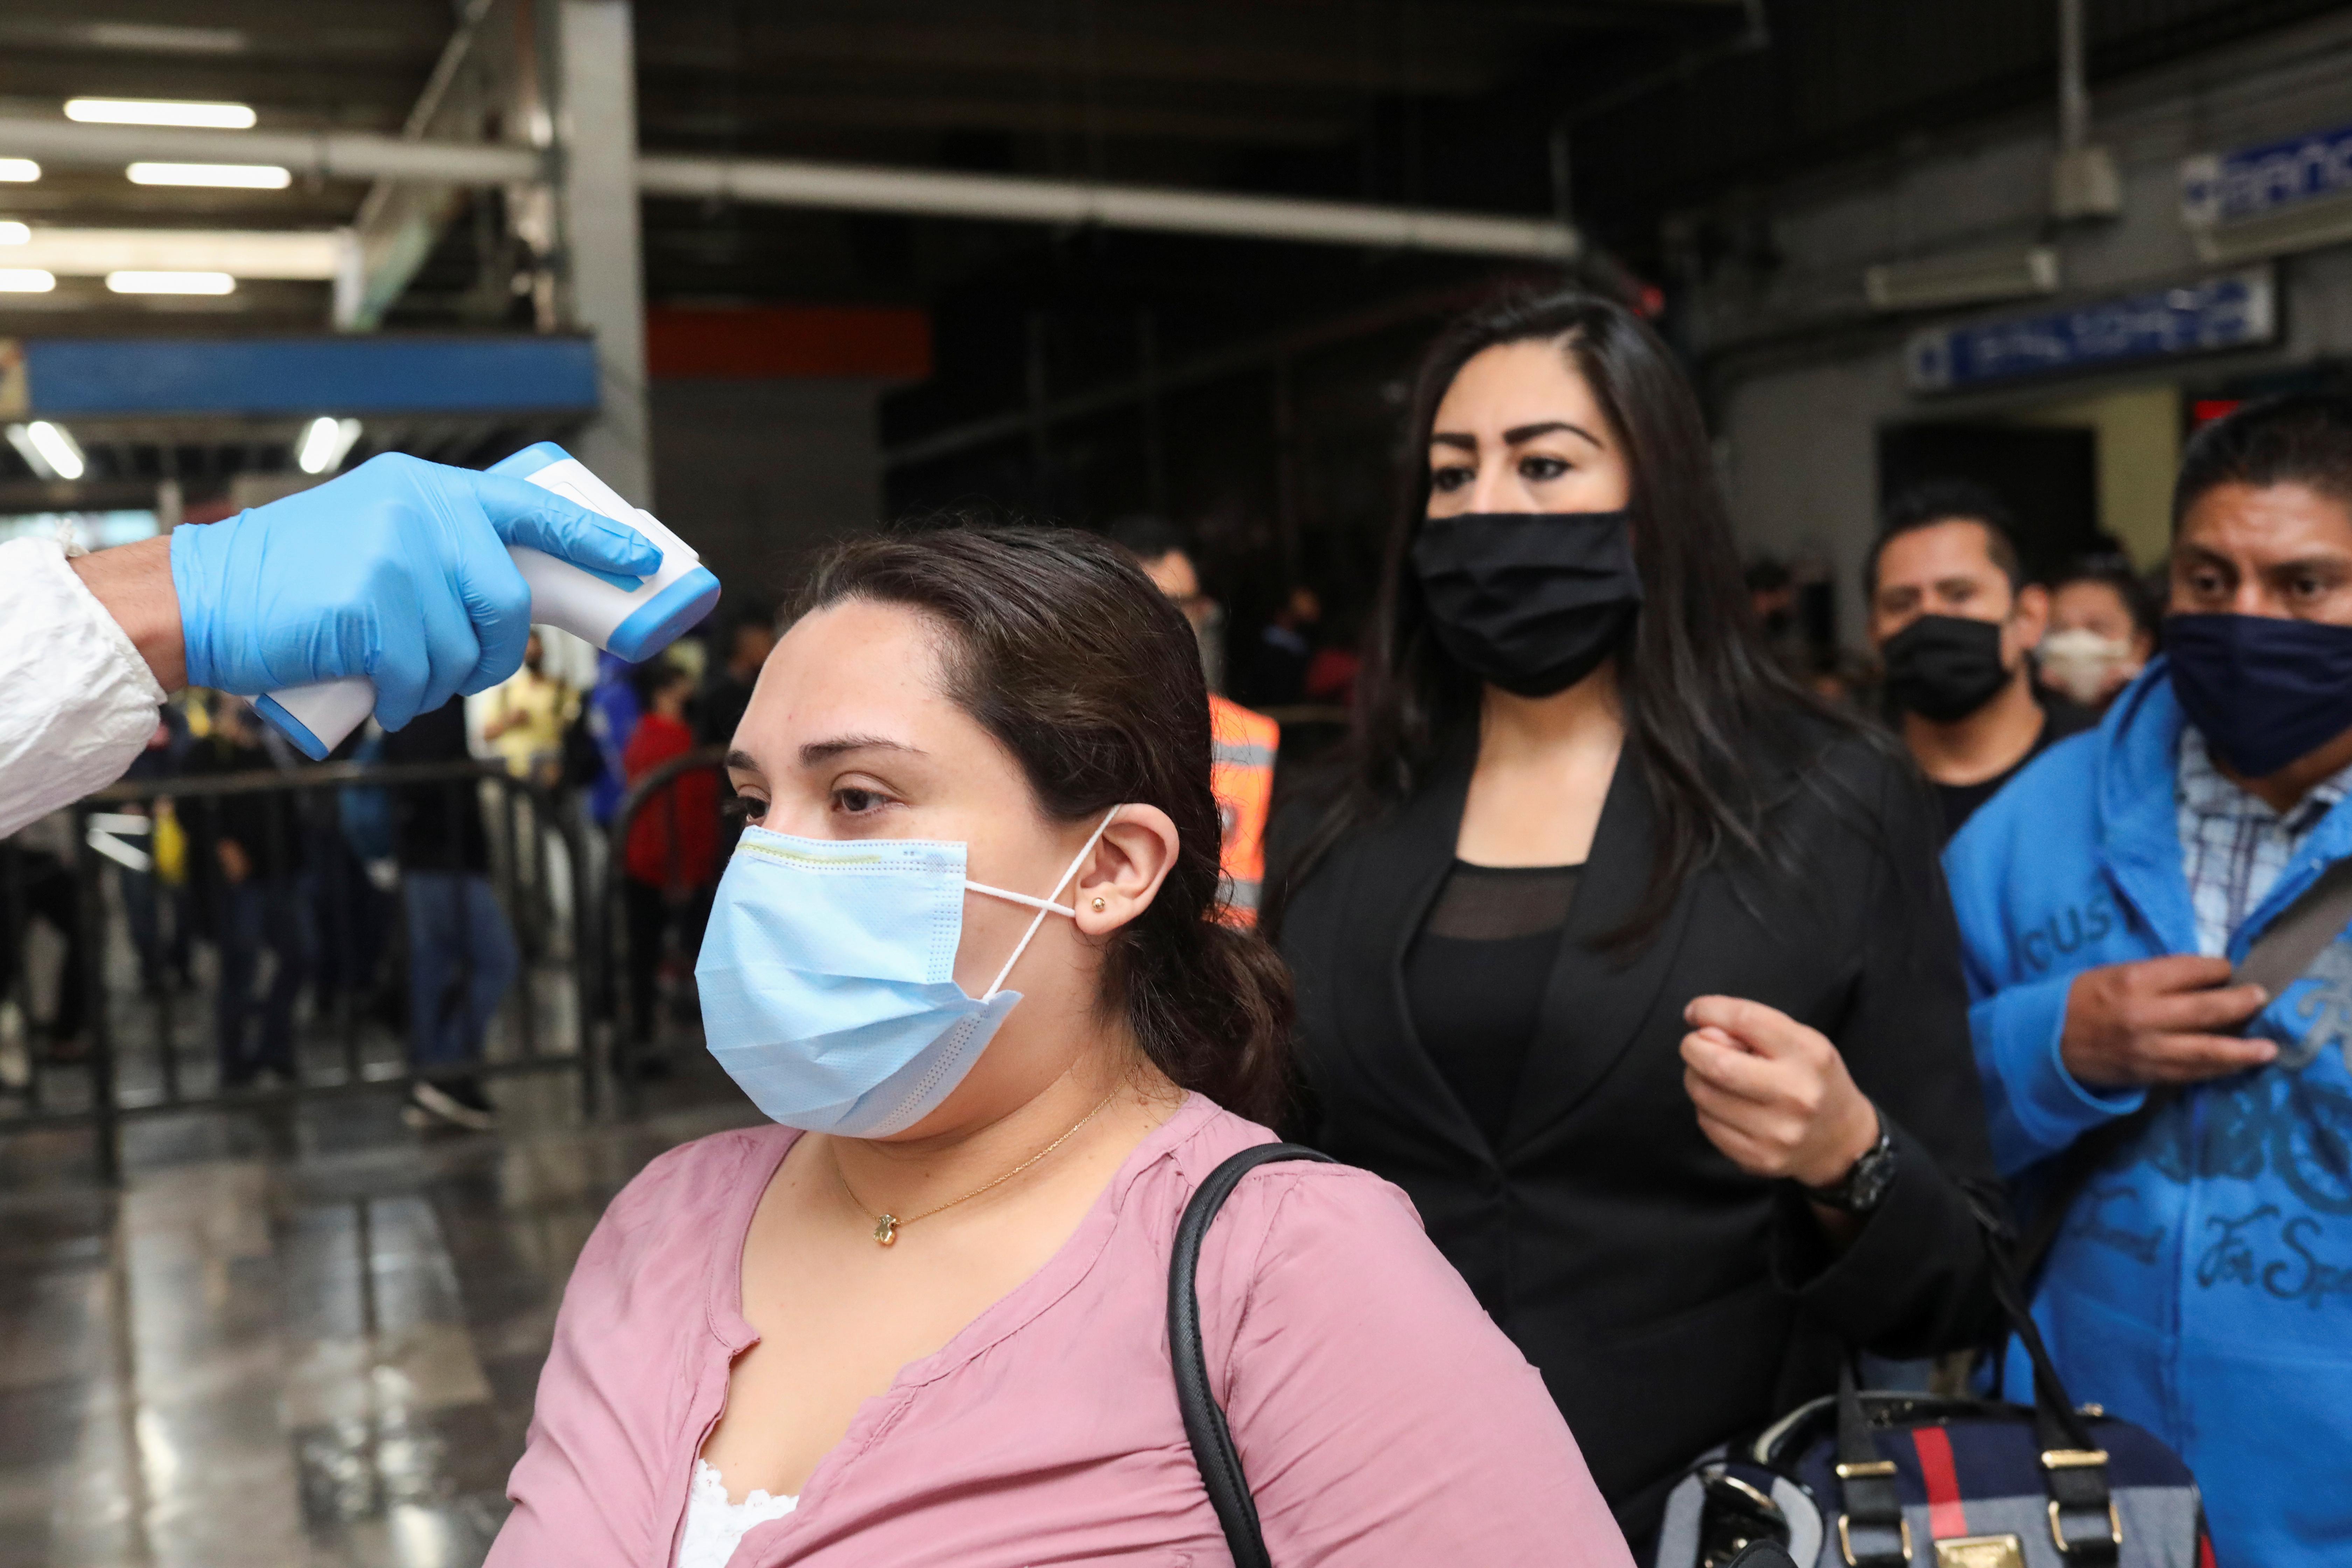 Un empleado verifica las temperaturas de los pasajeros con un escáner térmico en una estación de metro después de que el gobierno de la ciudad levantó las restricciones. Ciudad de México, México 15 de junio de 2020. Foto: Reuters.